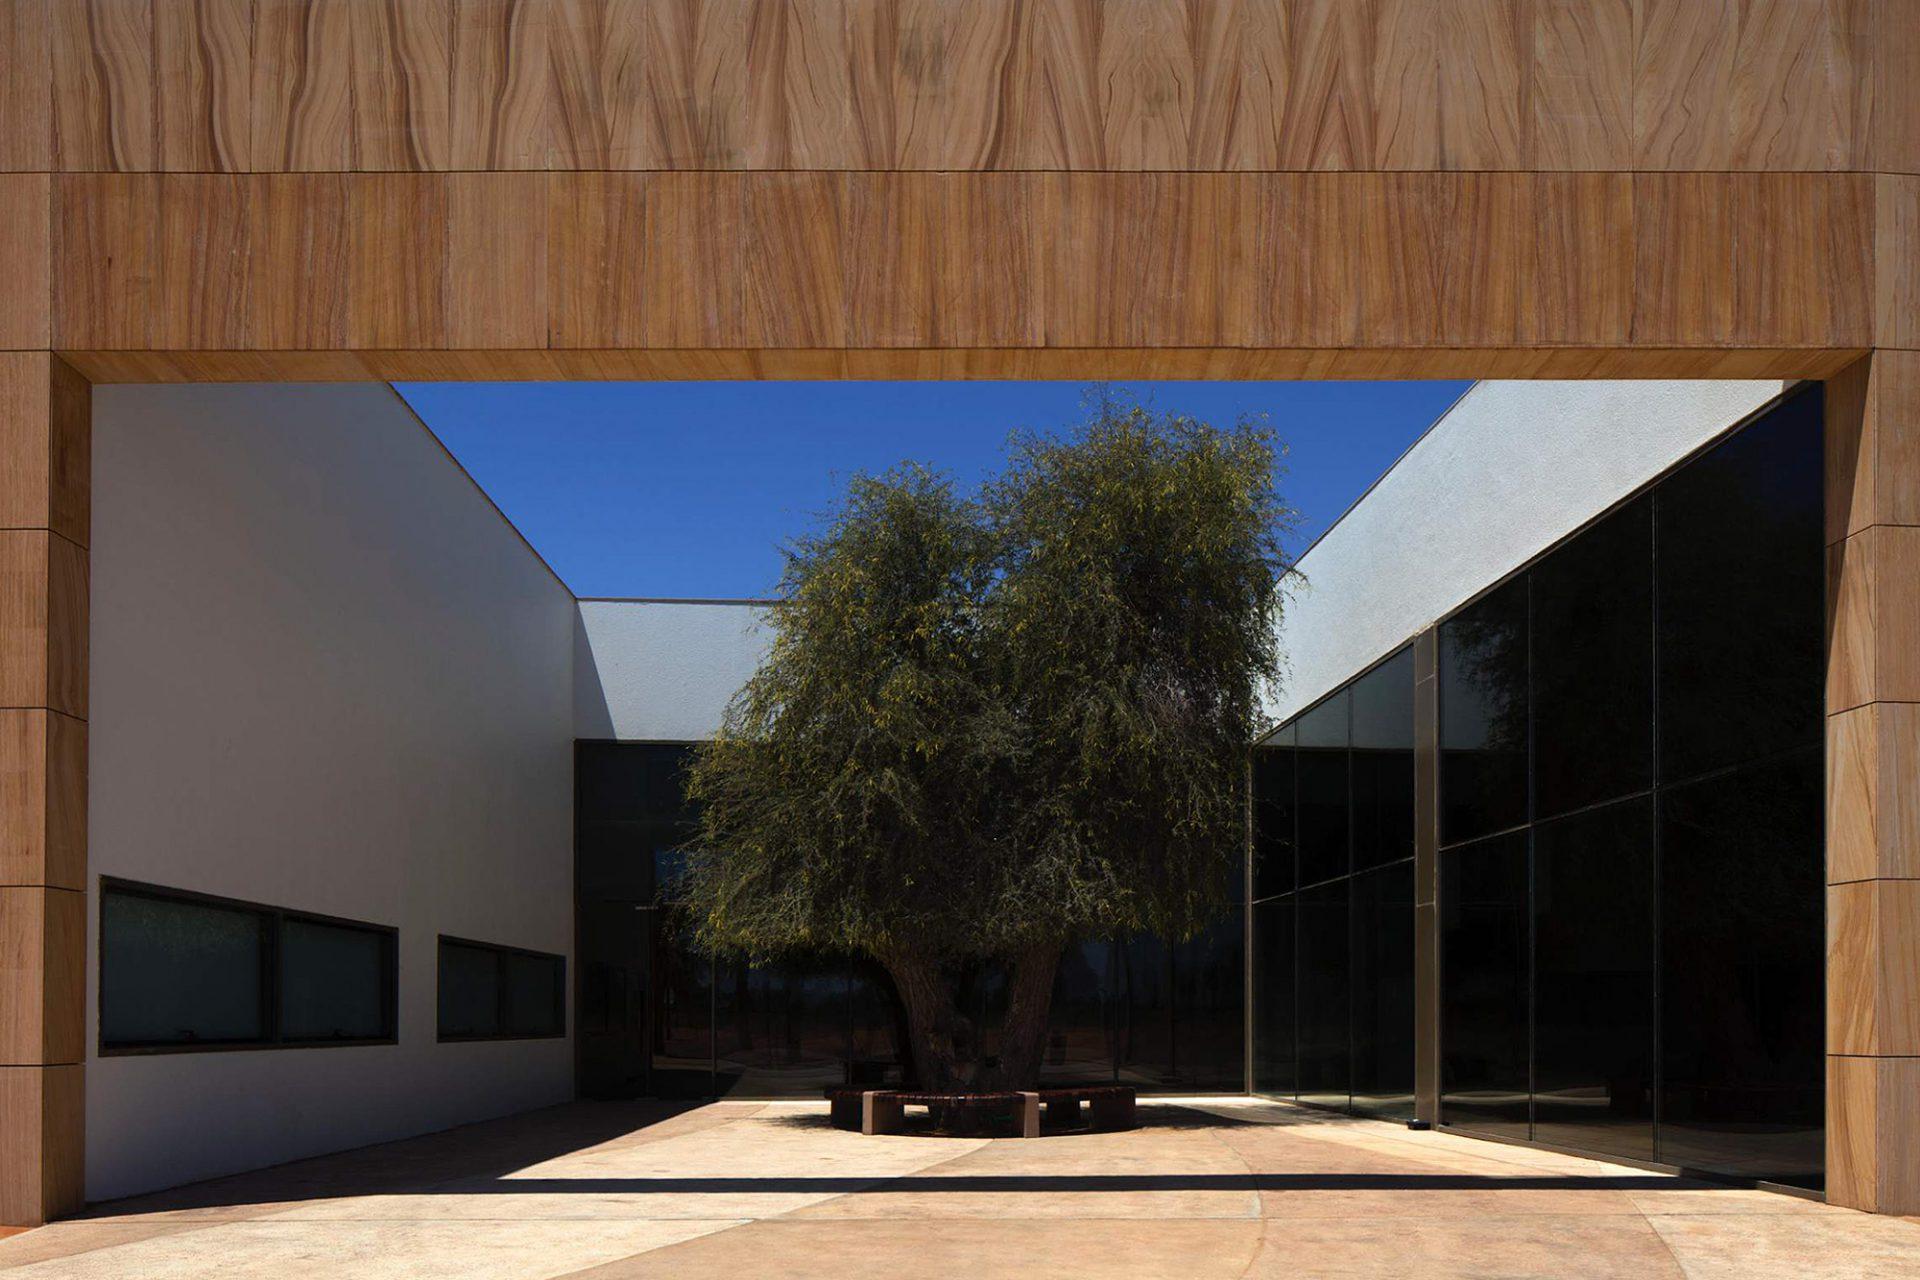 Mleiha Archaeological Centre. Der Ghaf-Baum im Innenhof stand hier schon vor Errichtung des Gebäudes.